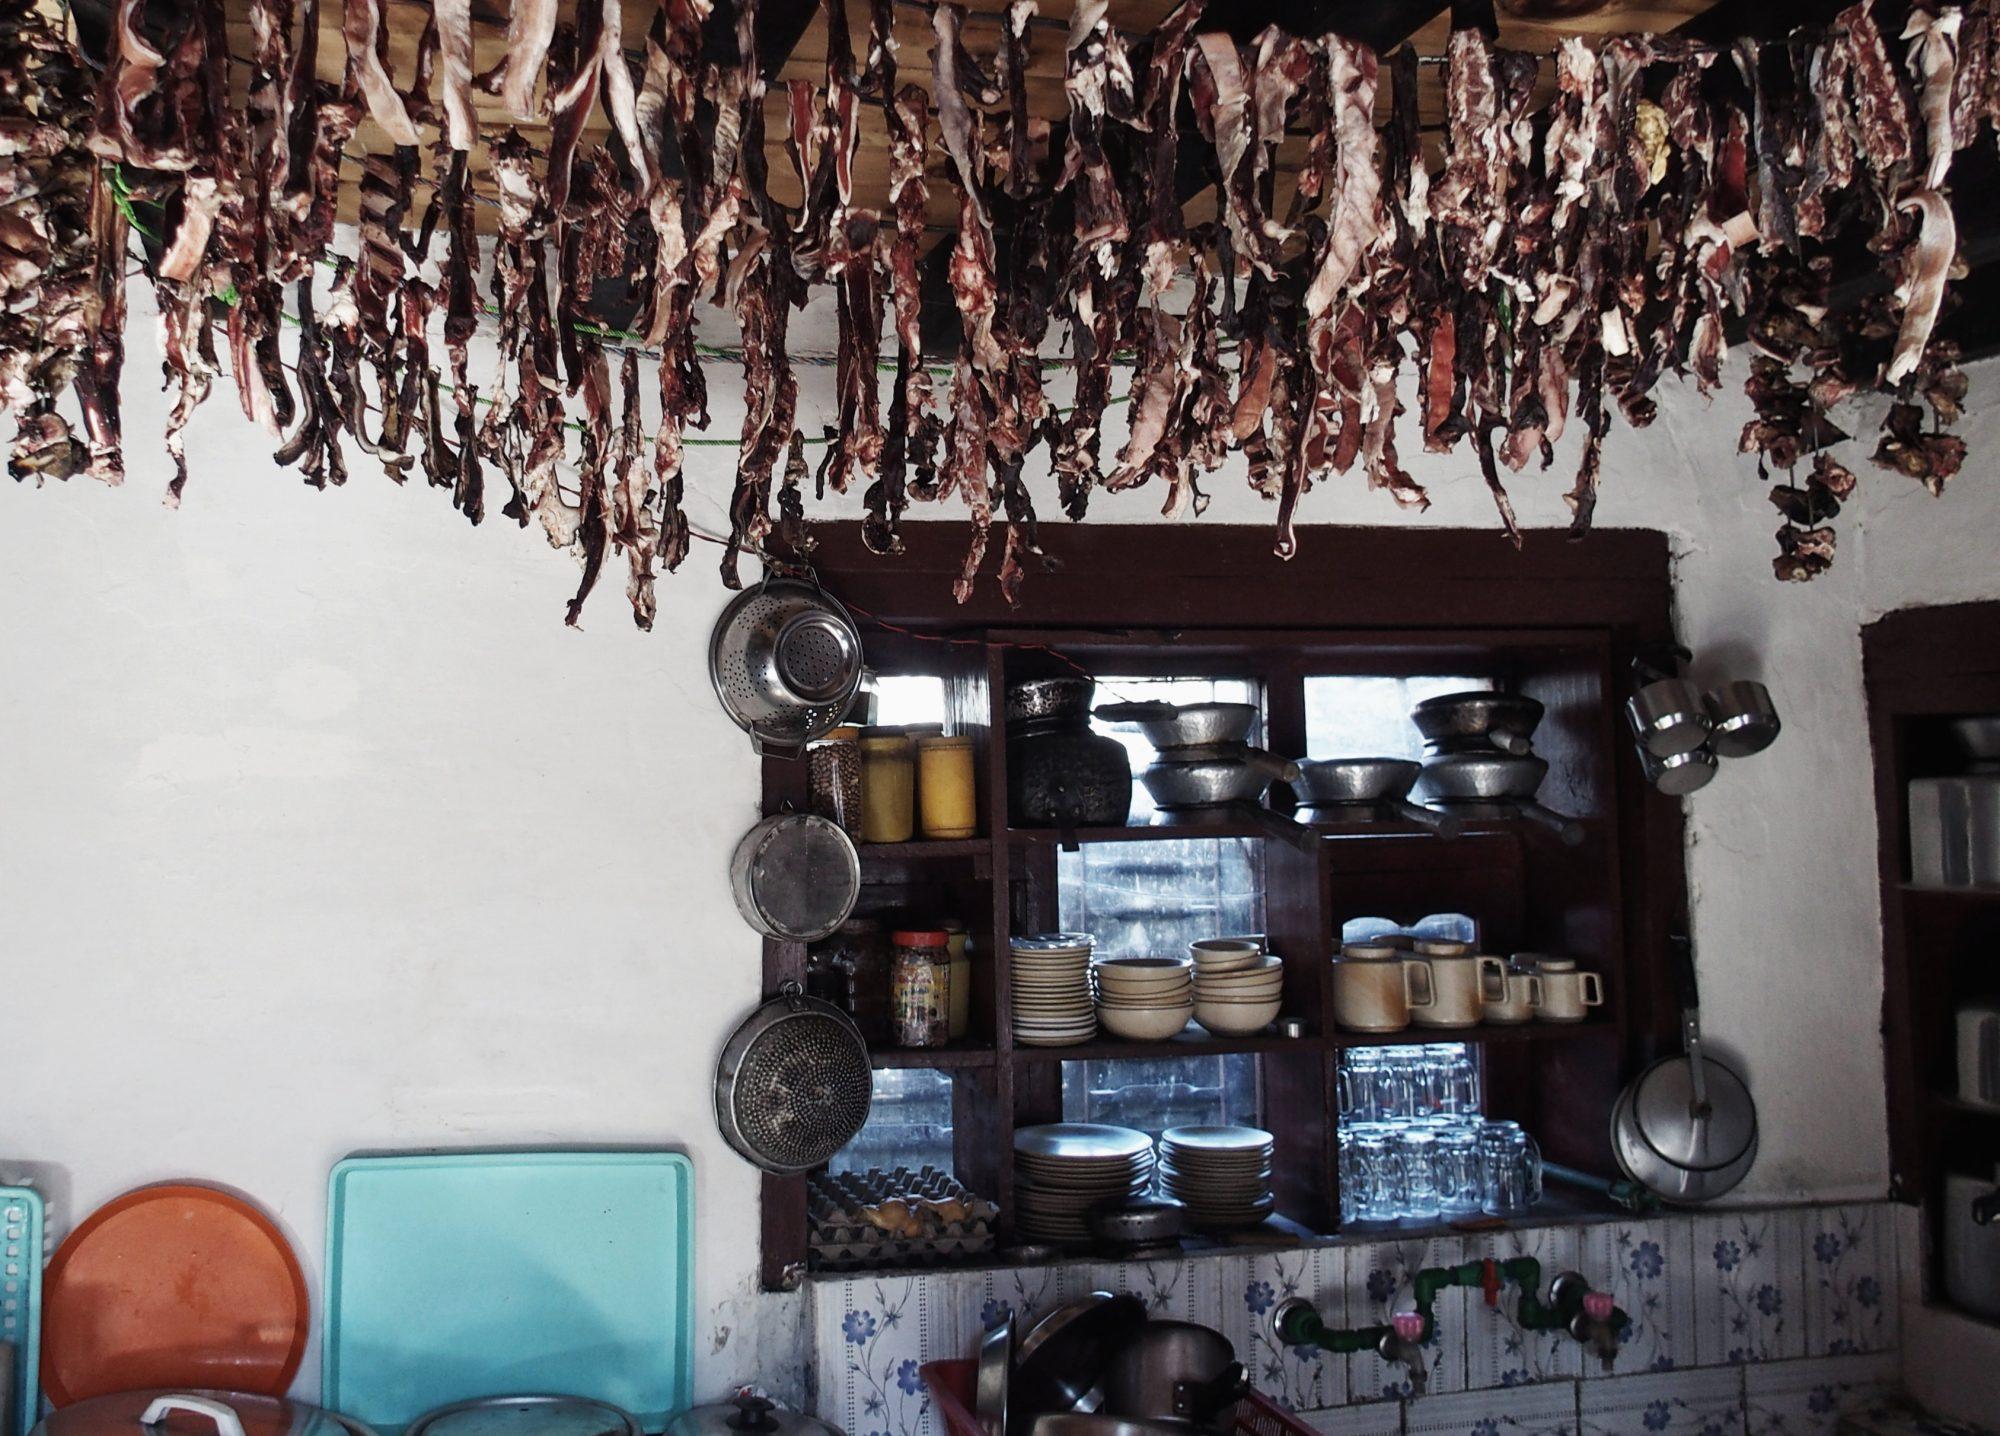 Yak Fleisch trocknet in der Küche eines nepalesischen Teahouses in Lete